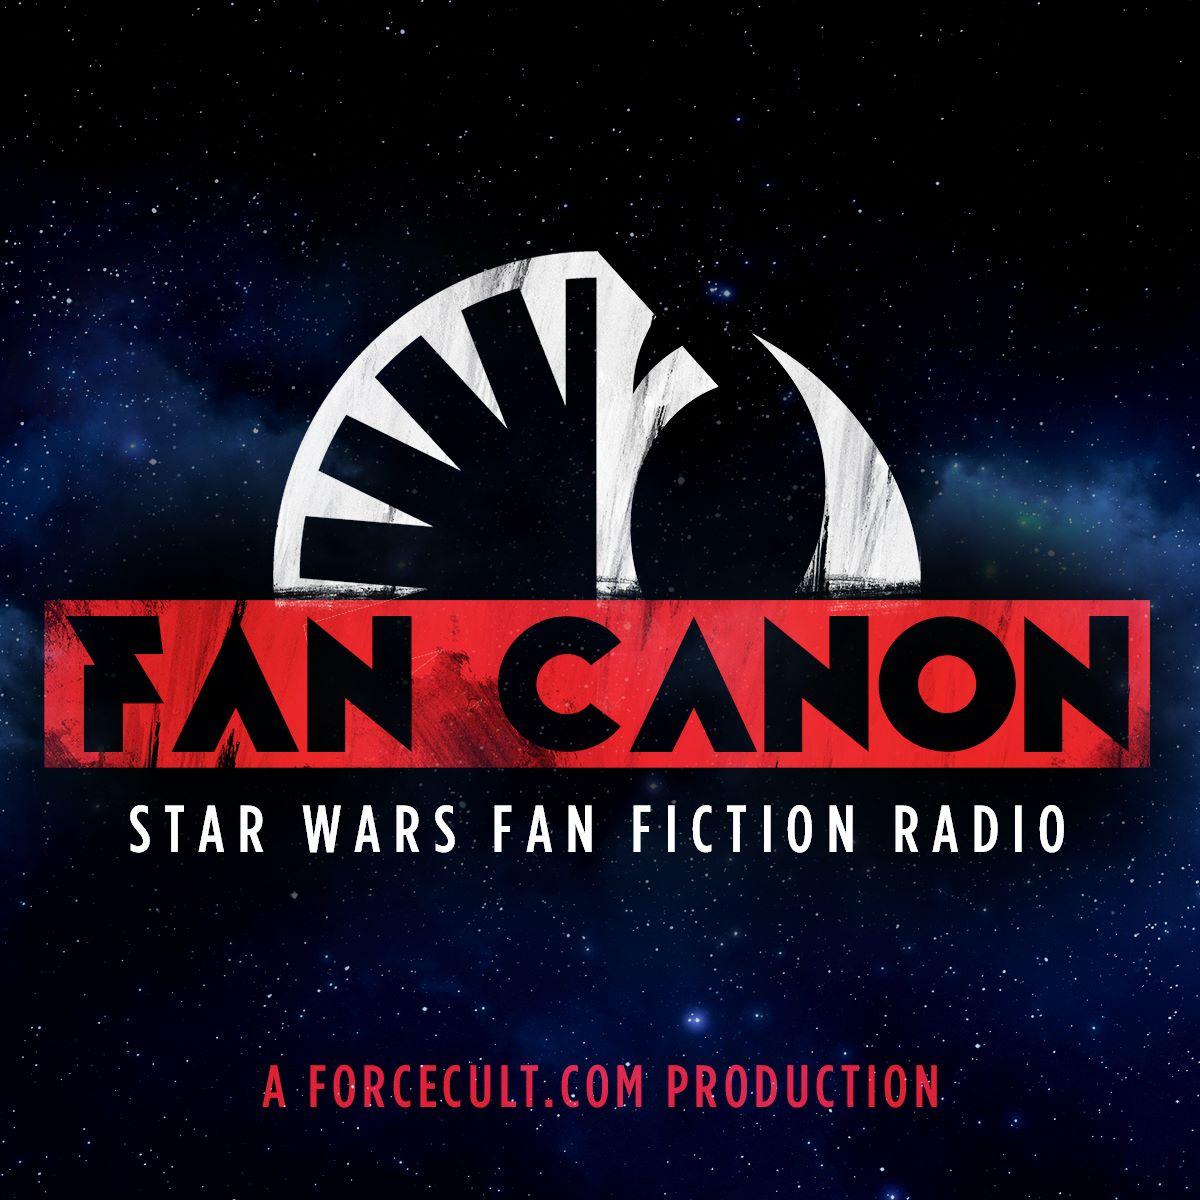 Fan Canon